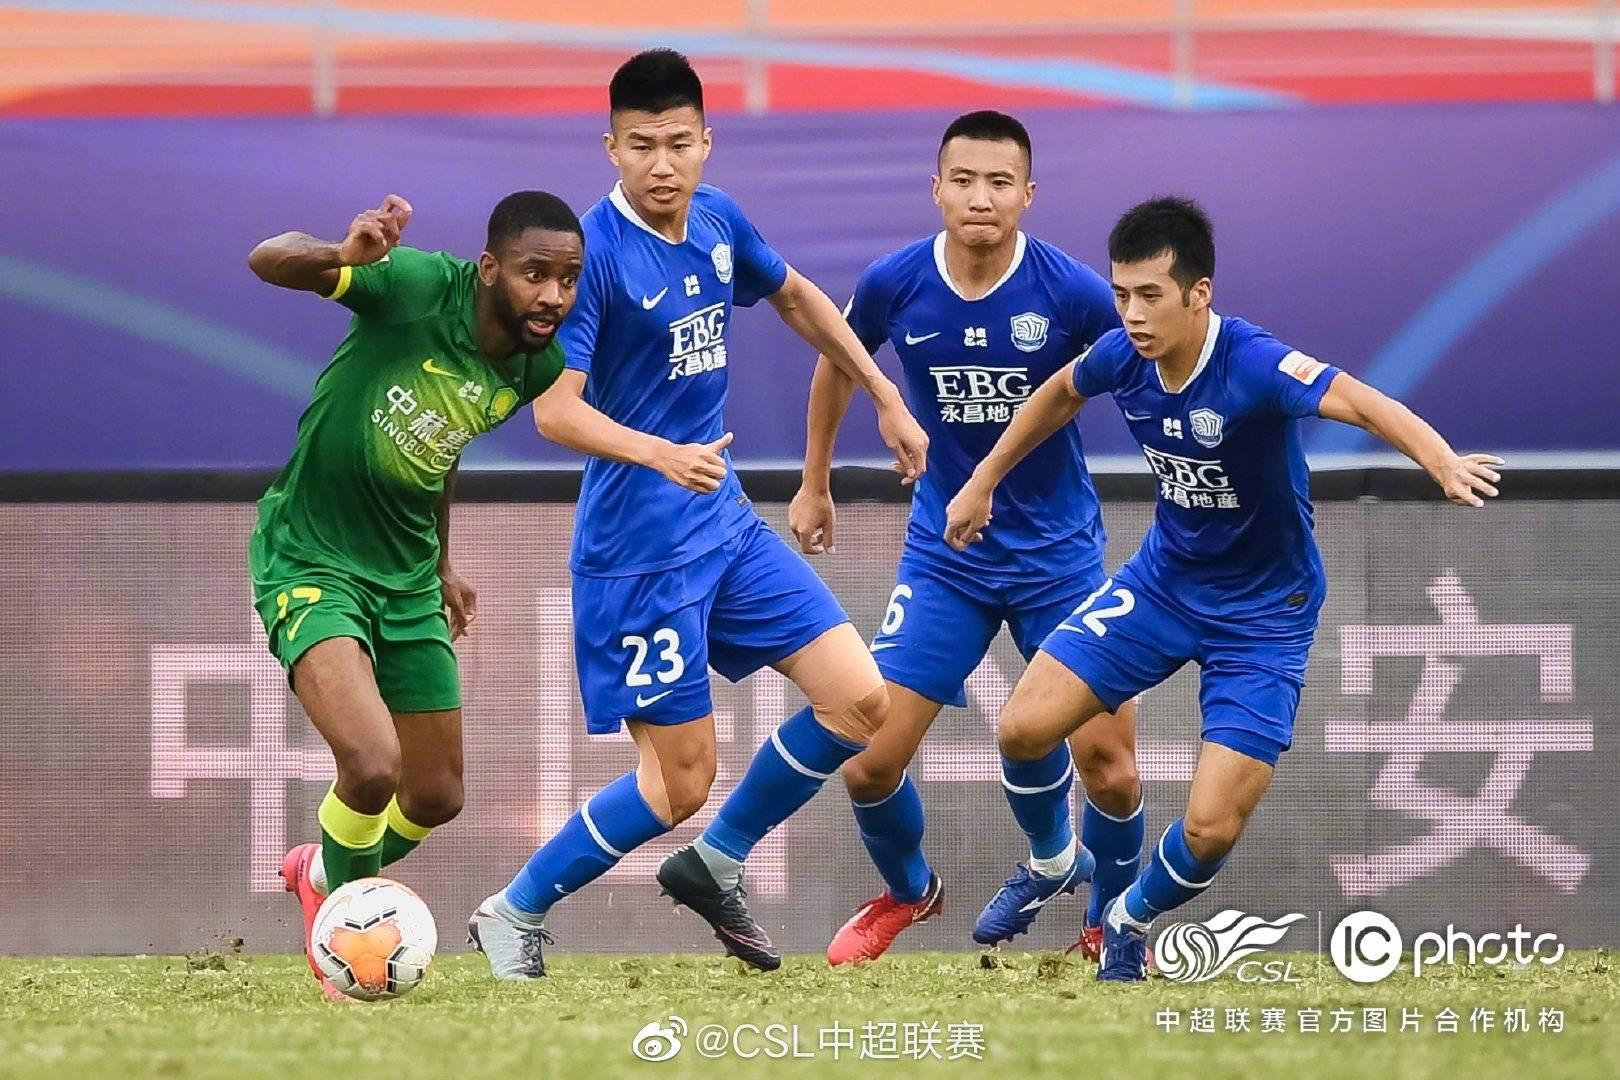 中超第十四轮北京中赫国安4:0石家庄永昌,费尔南多打进两粒进球